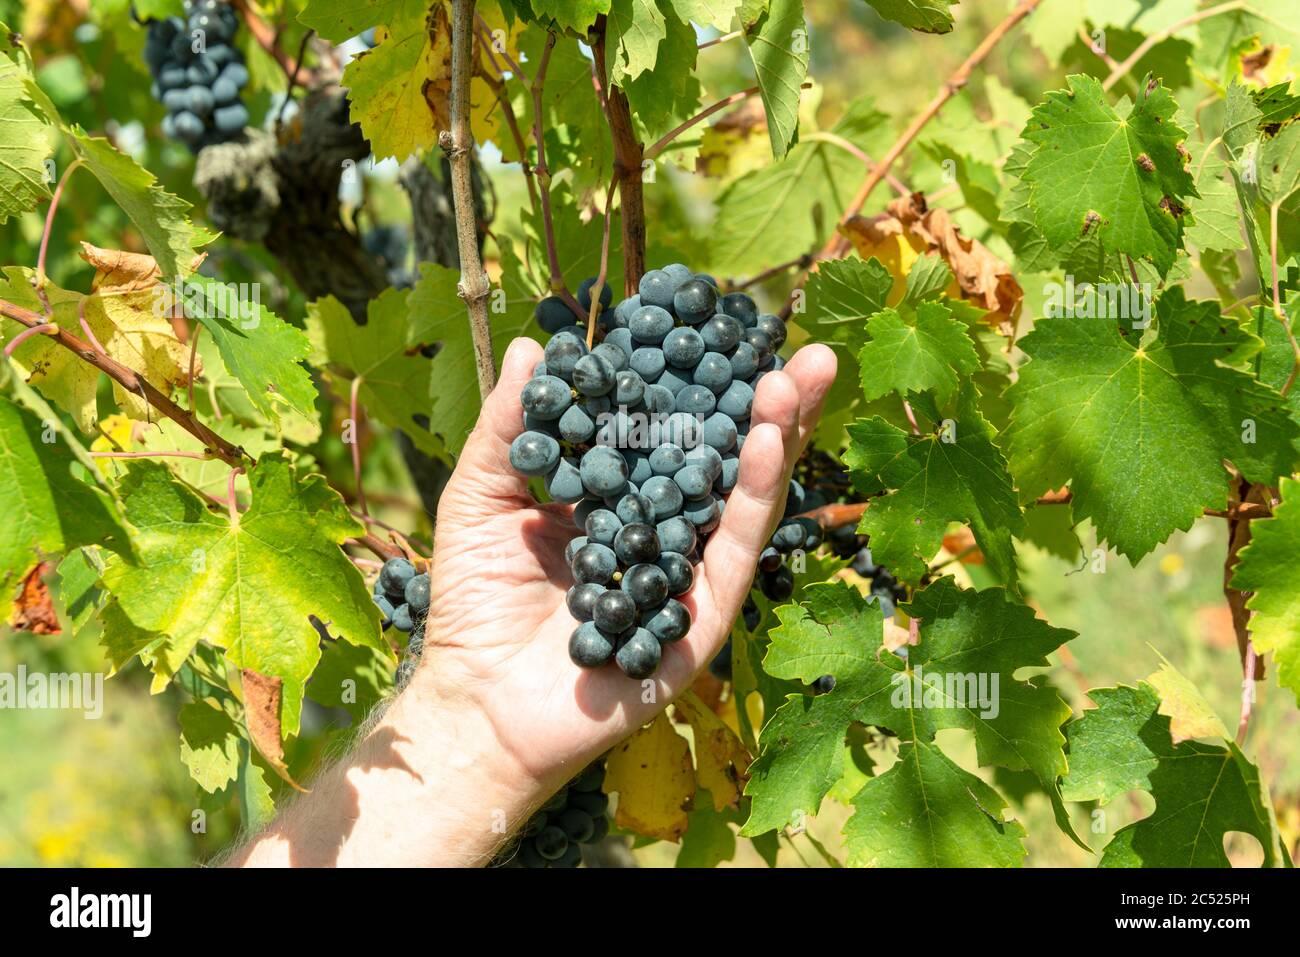 Weingut in der Toskana per Hand wir der Reifegrad der Trauben geprüft Stock Photo